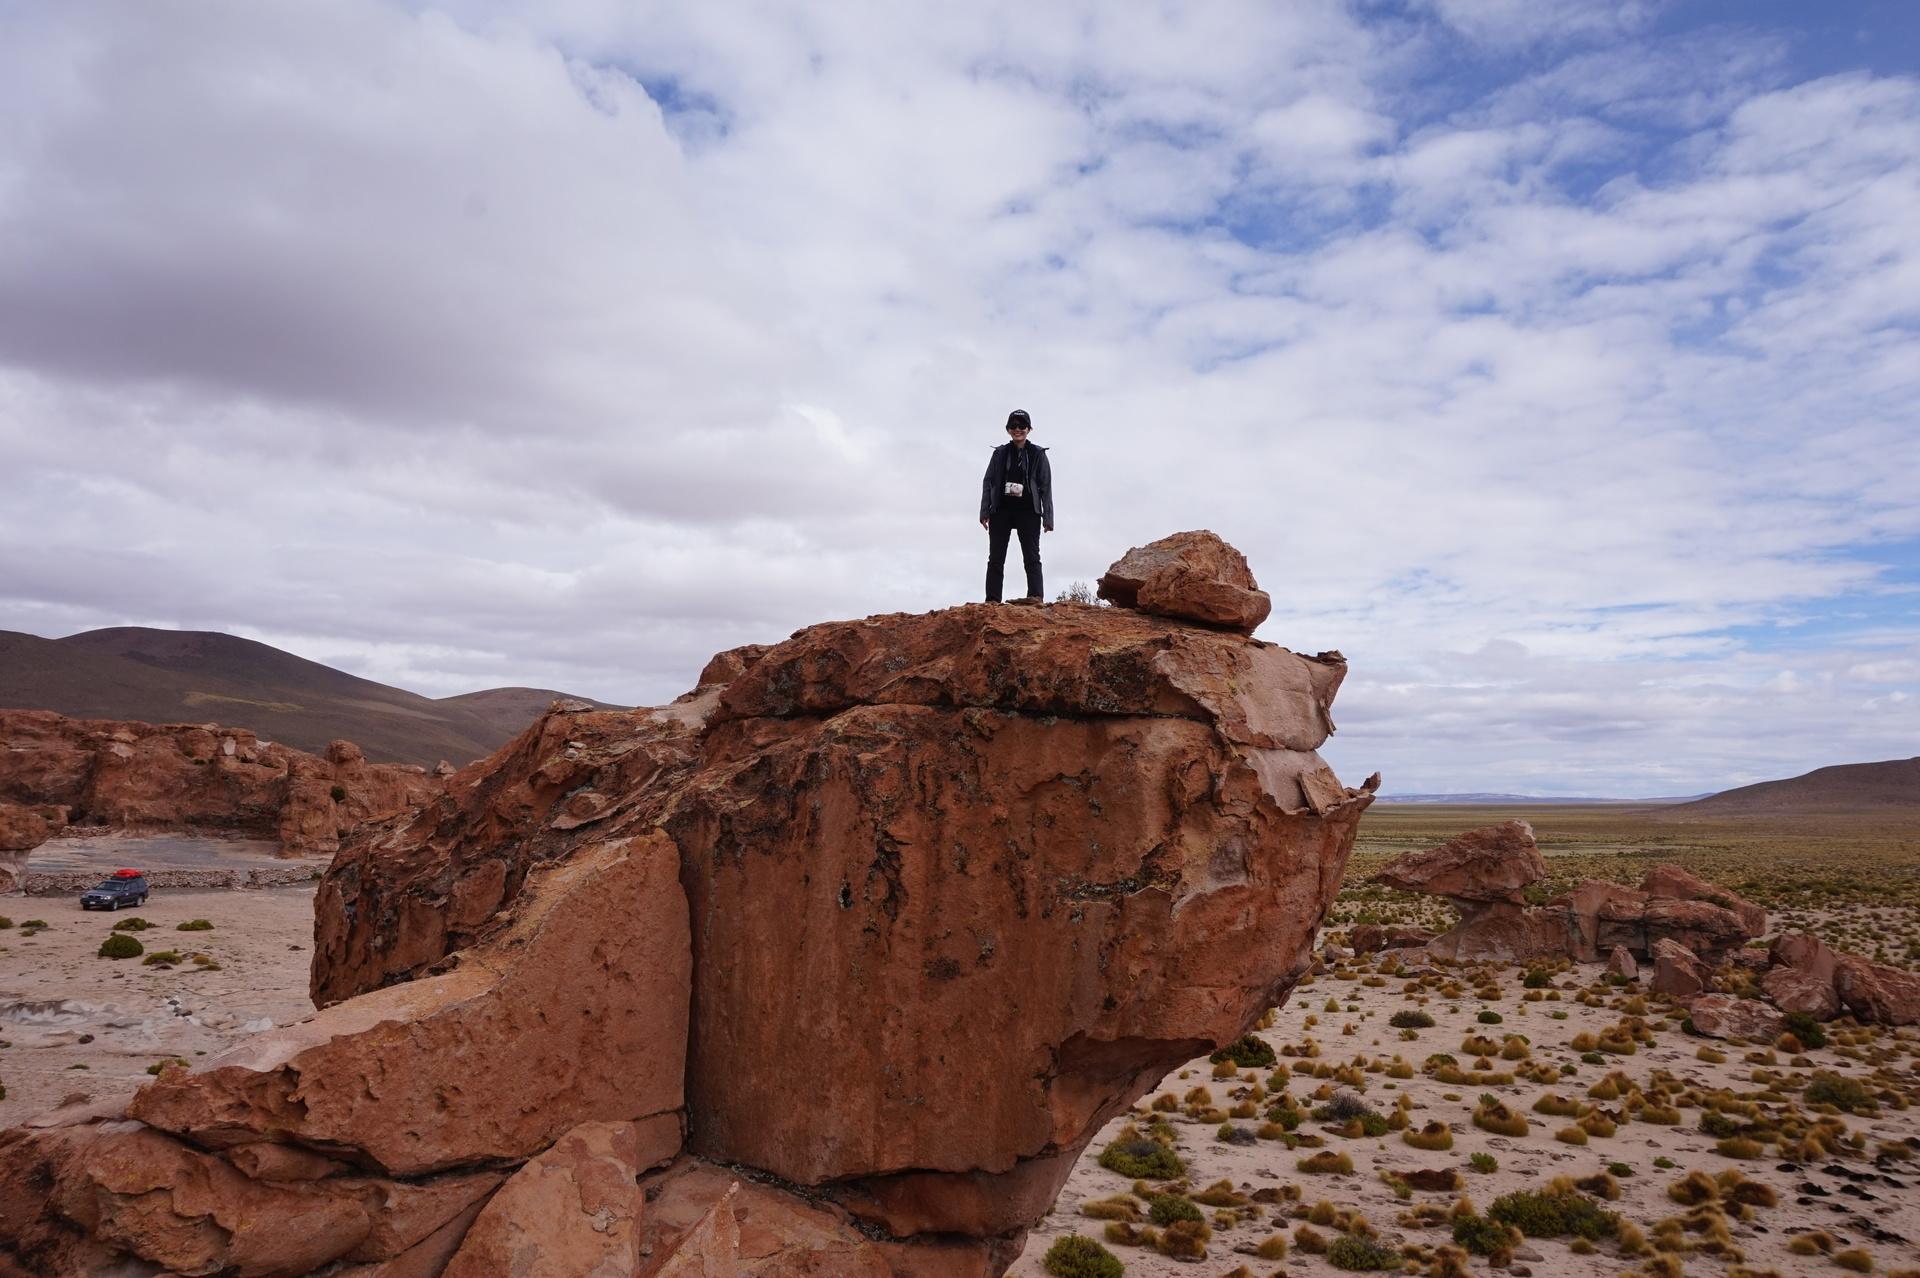 チリ ボリビア ウユニ旅行 2泊3日ツアー 頂上